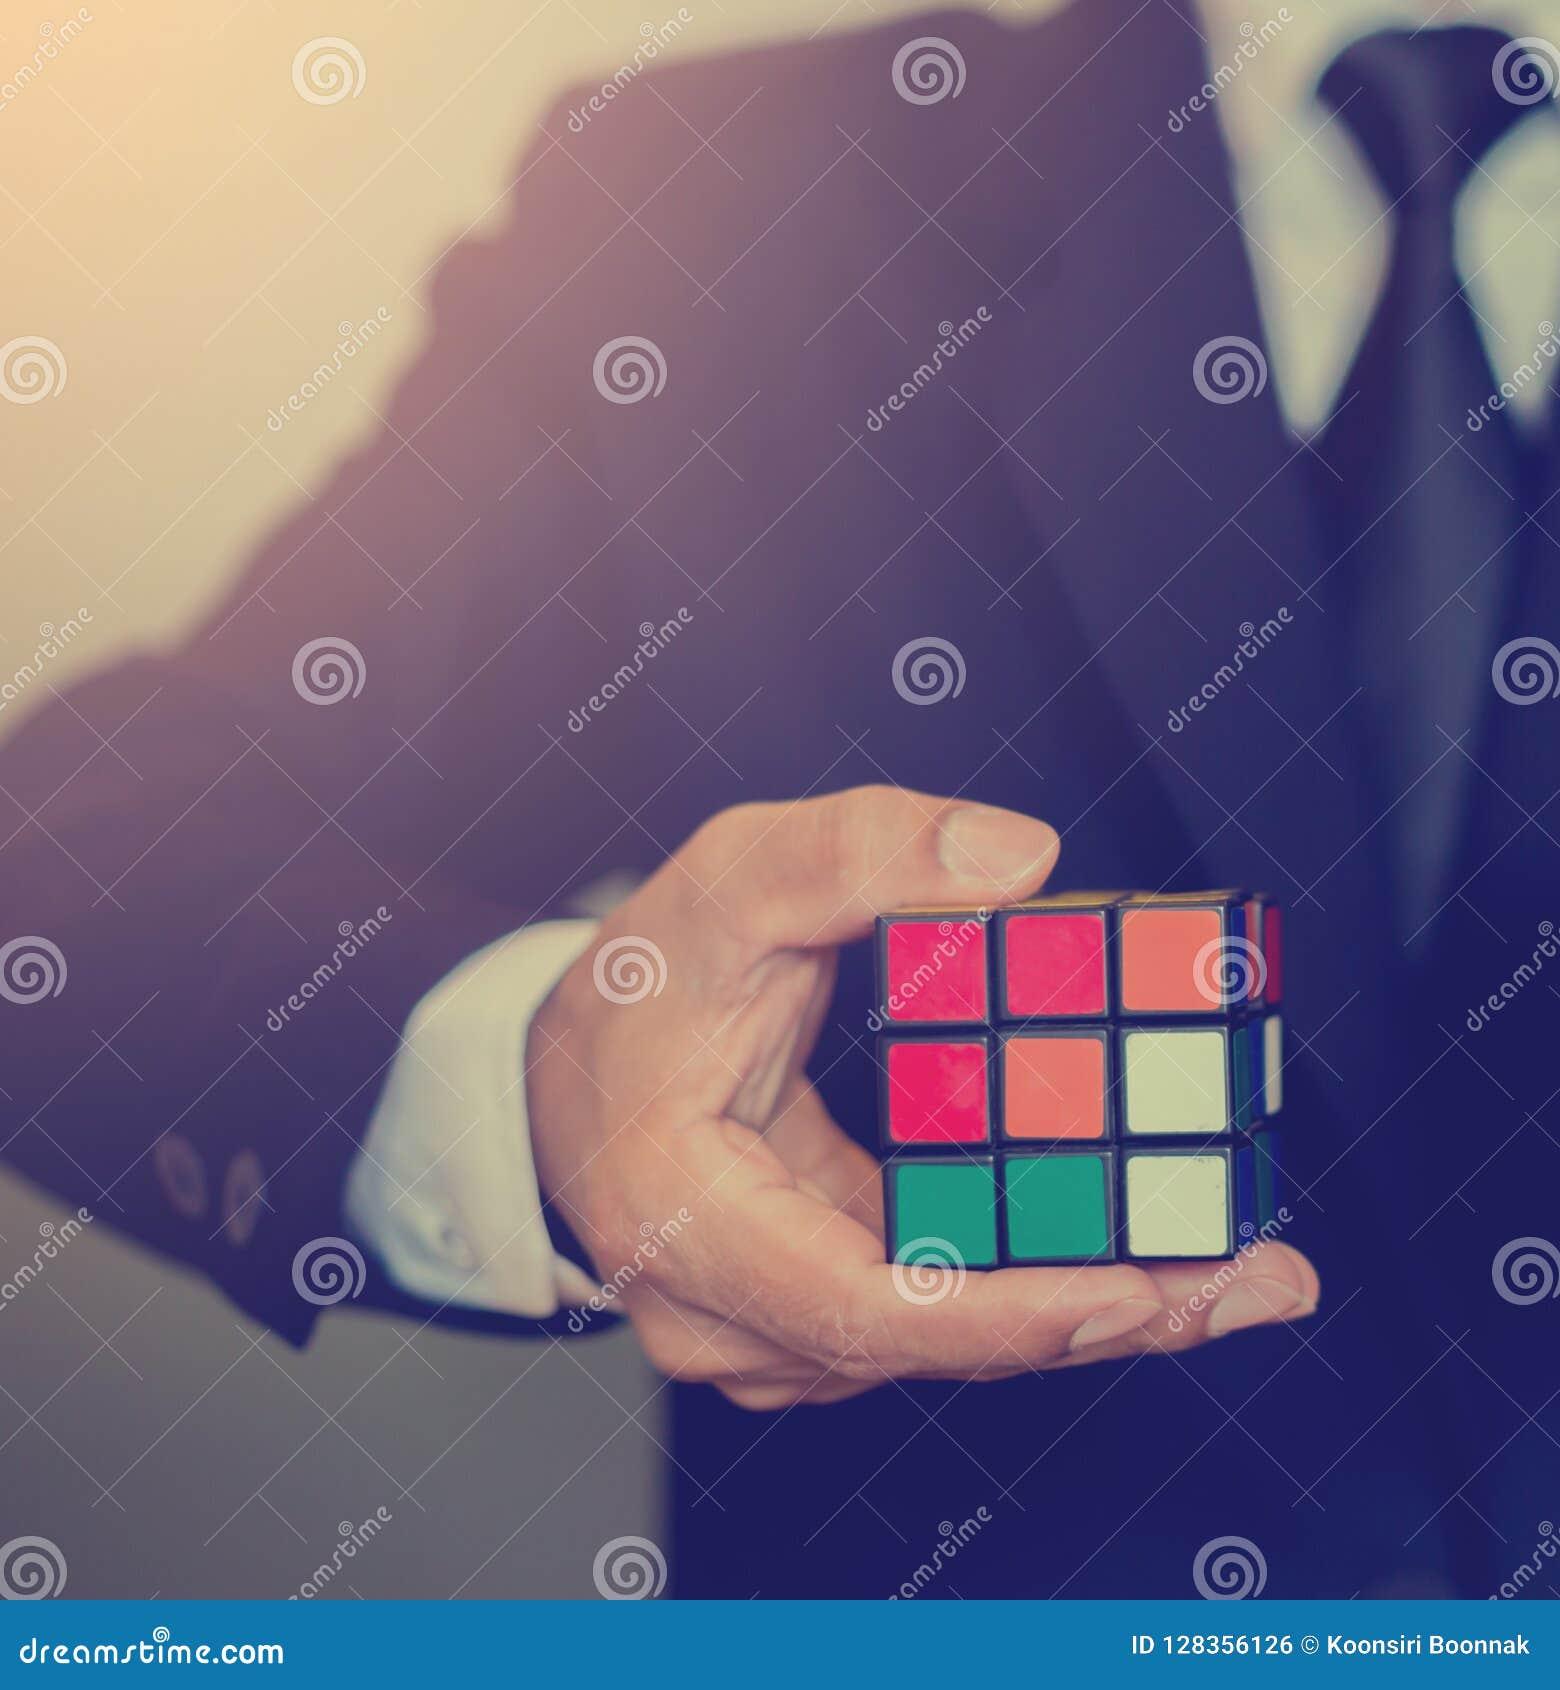 Бизнесмен держа куб Rubik